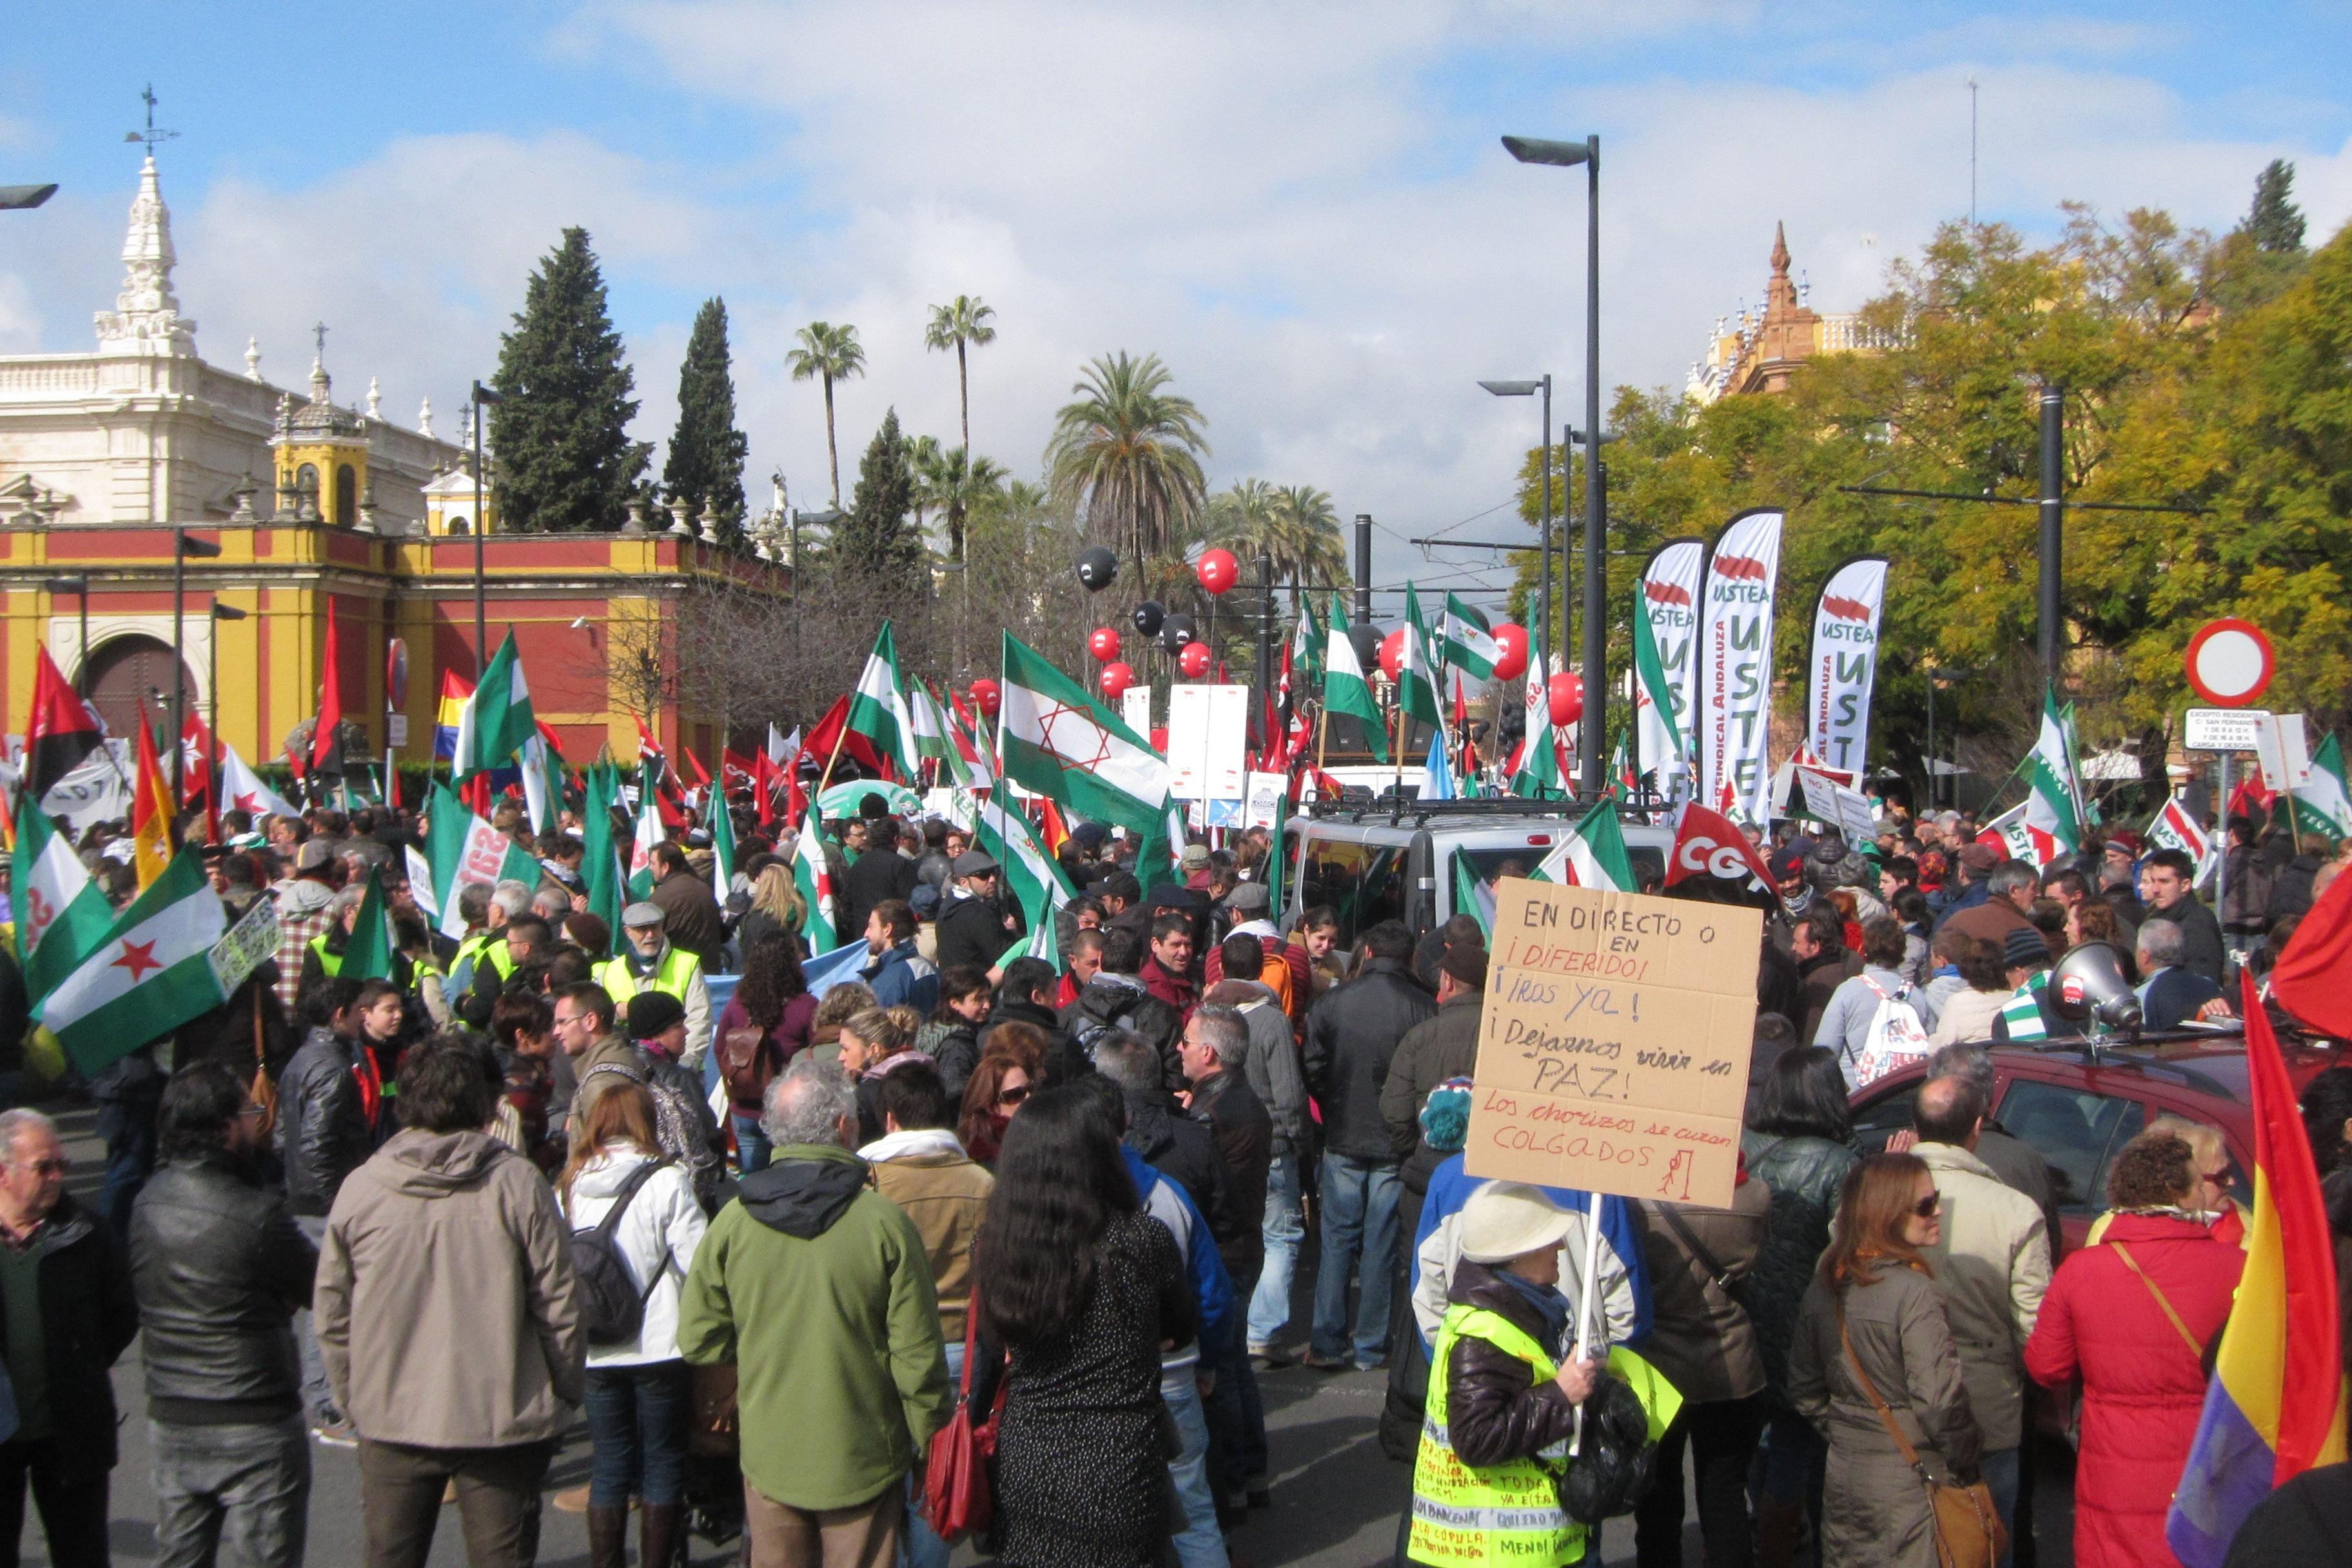 Miles de personas protagonizan en Sevilla una marcha «crítica» a favor de la «dignidad de los perjudicados por recortes»